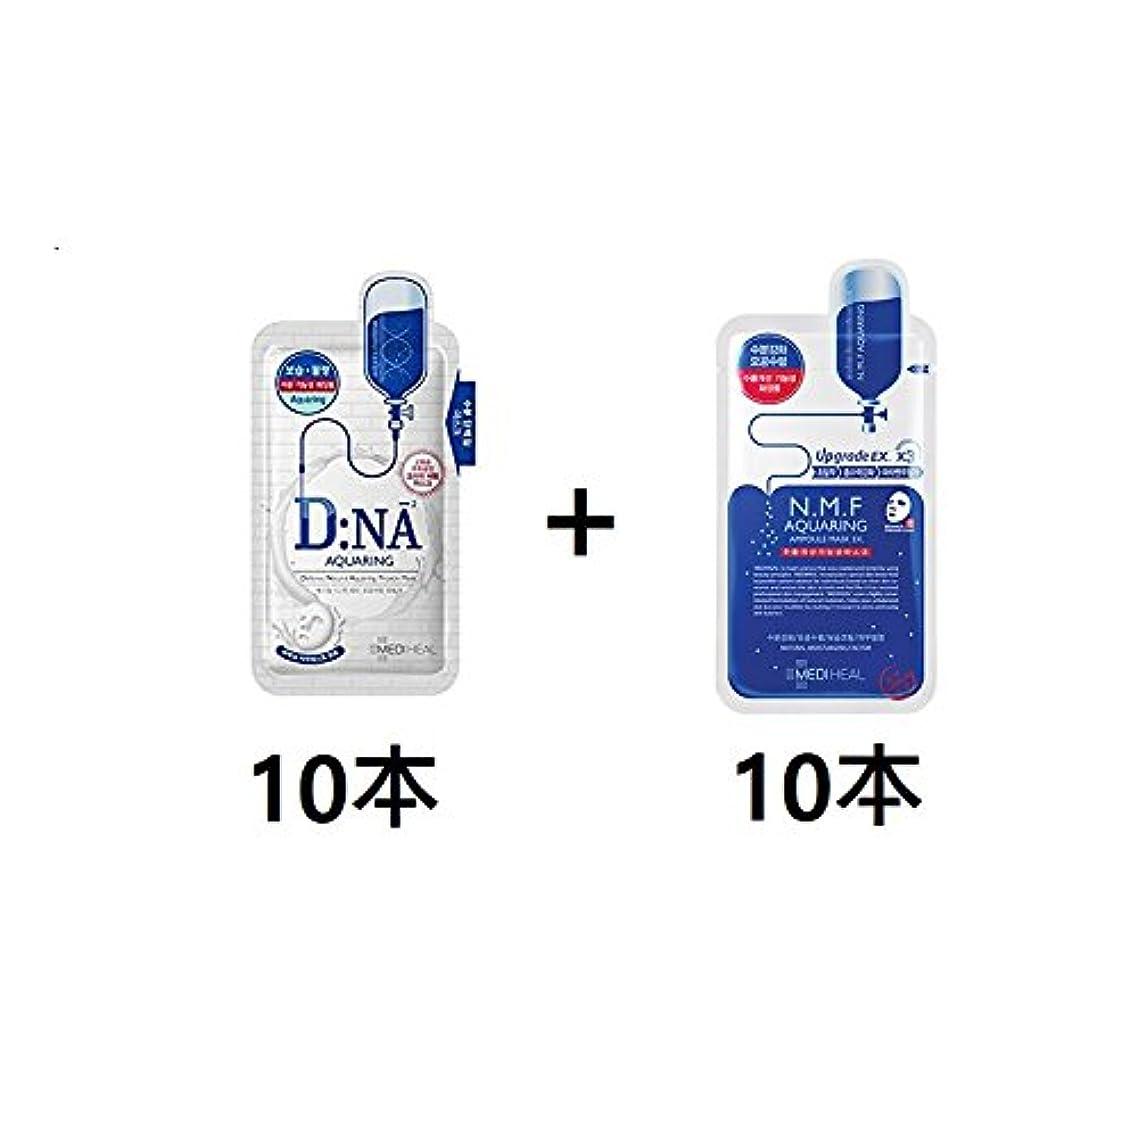 マーキー鹿起こる[10+10] [メディヒール] Mediheal [N.M.F アクアリング アンプルマスク EX (10枚)] + Mediheal DNA [プロアチン マスクパック (アクアリング) (10枚) ] [並行輸入品]